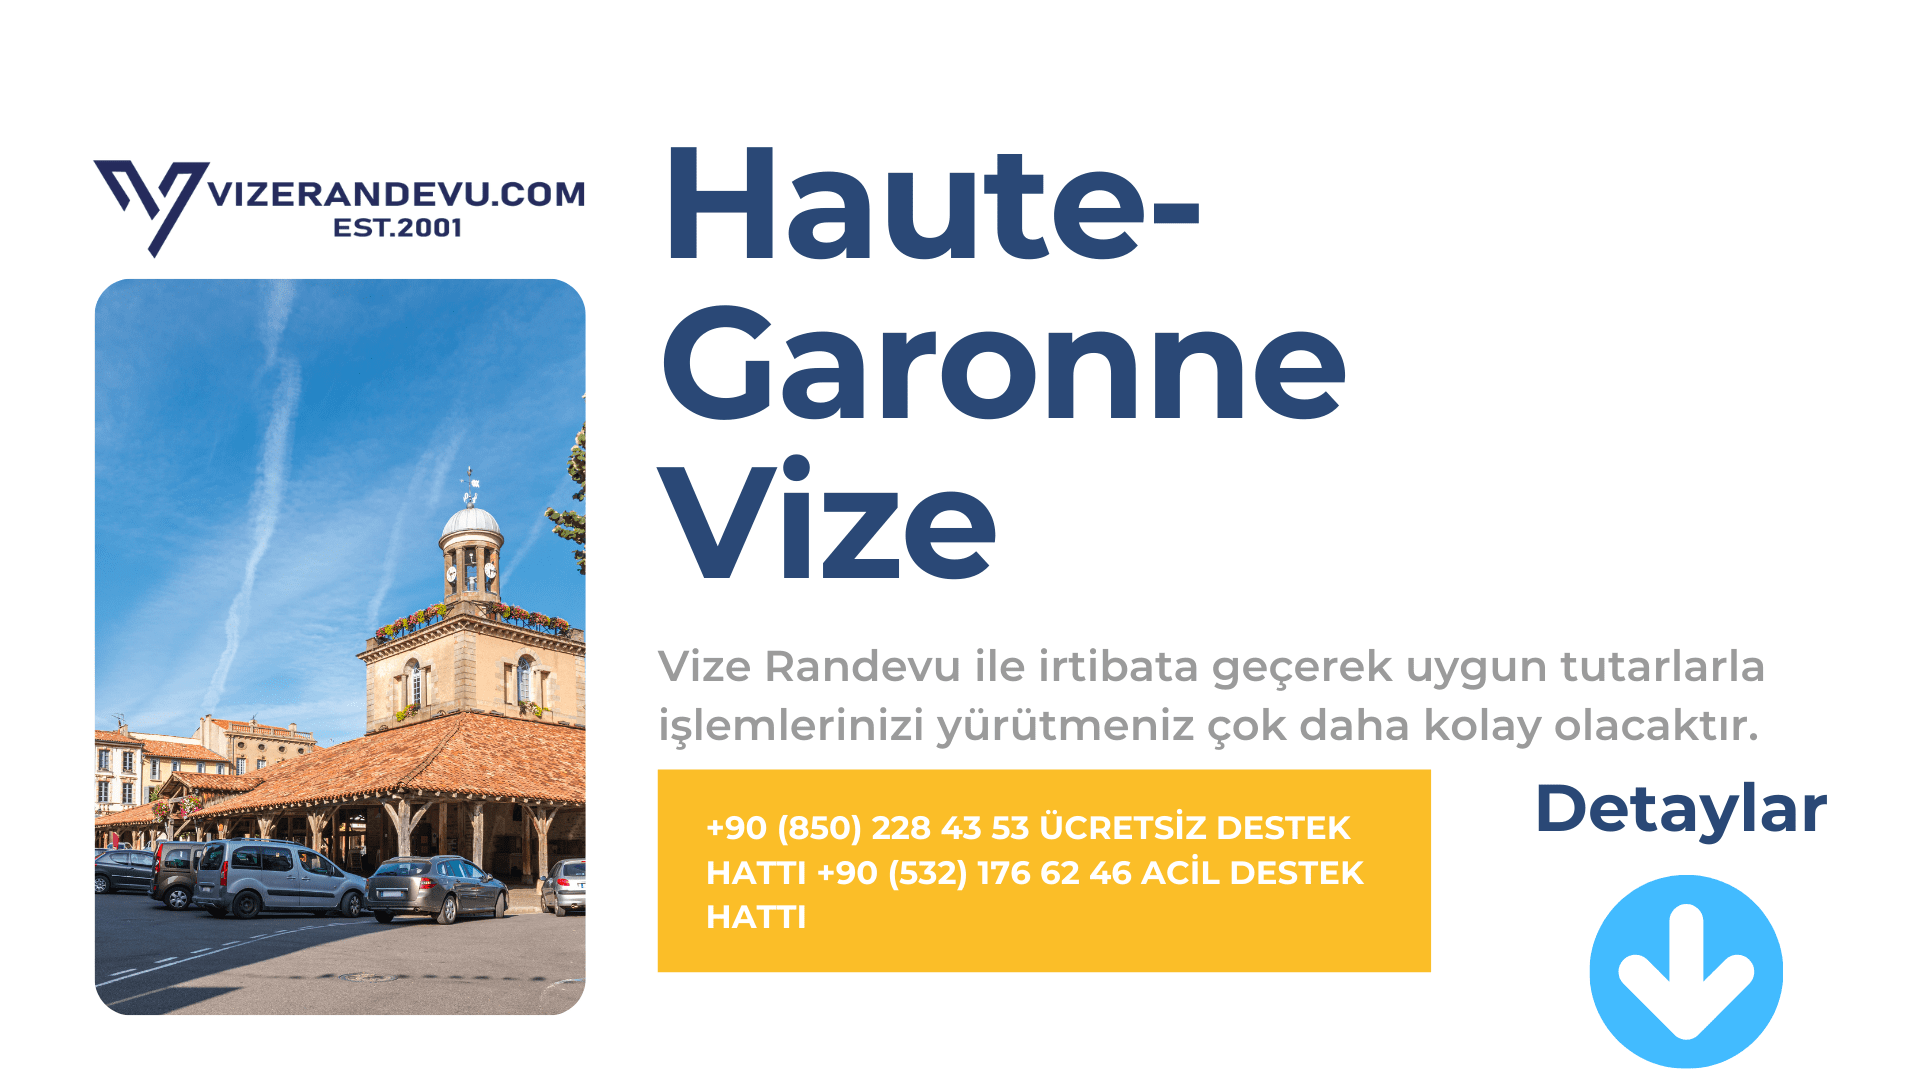 Fransa Haute-Garonne Vize Başvurusu